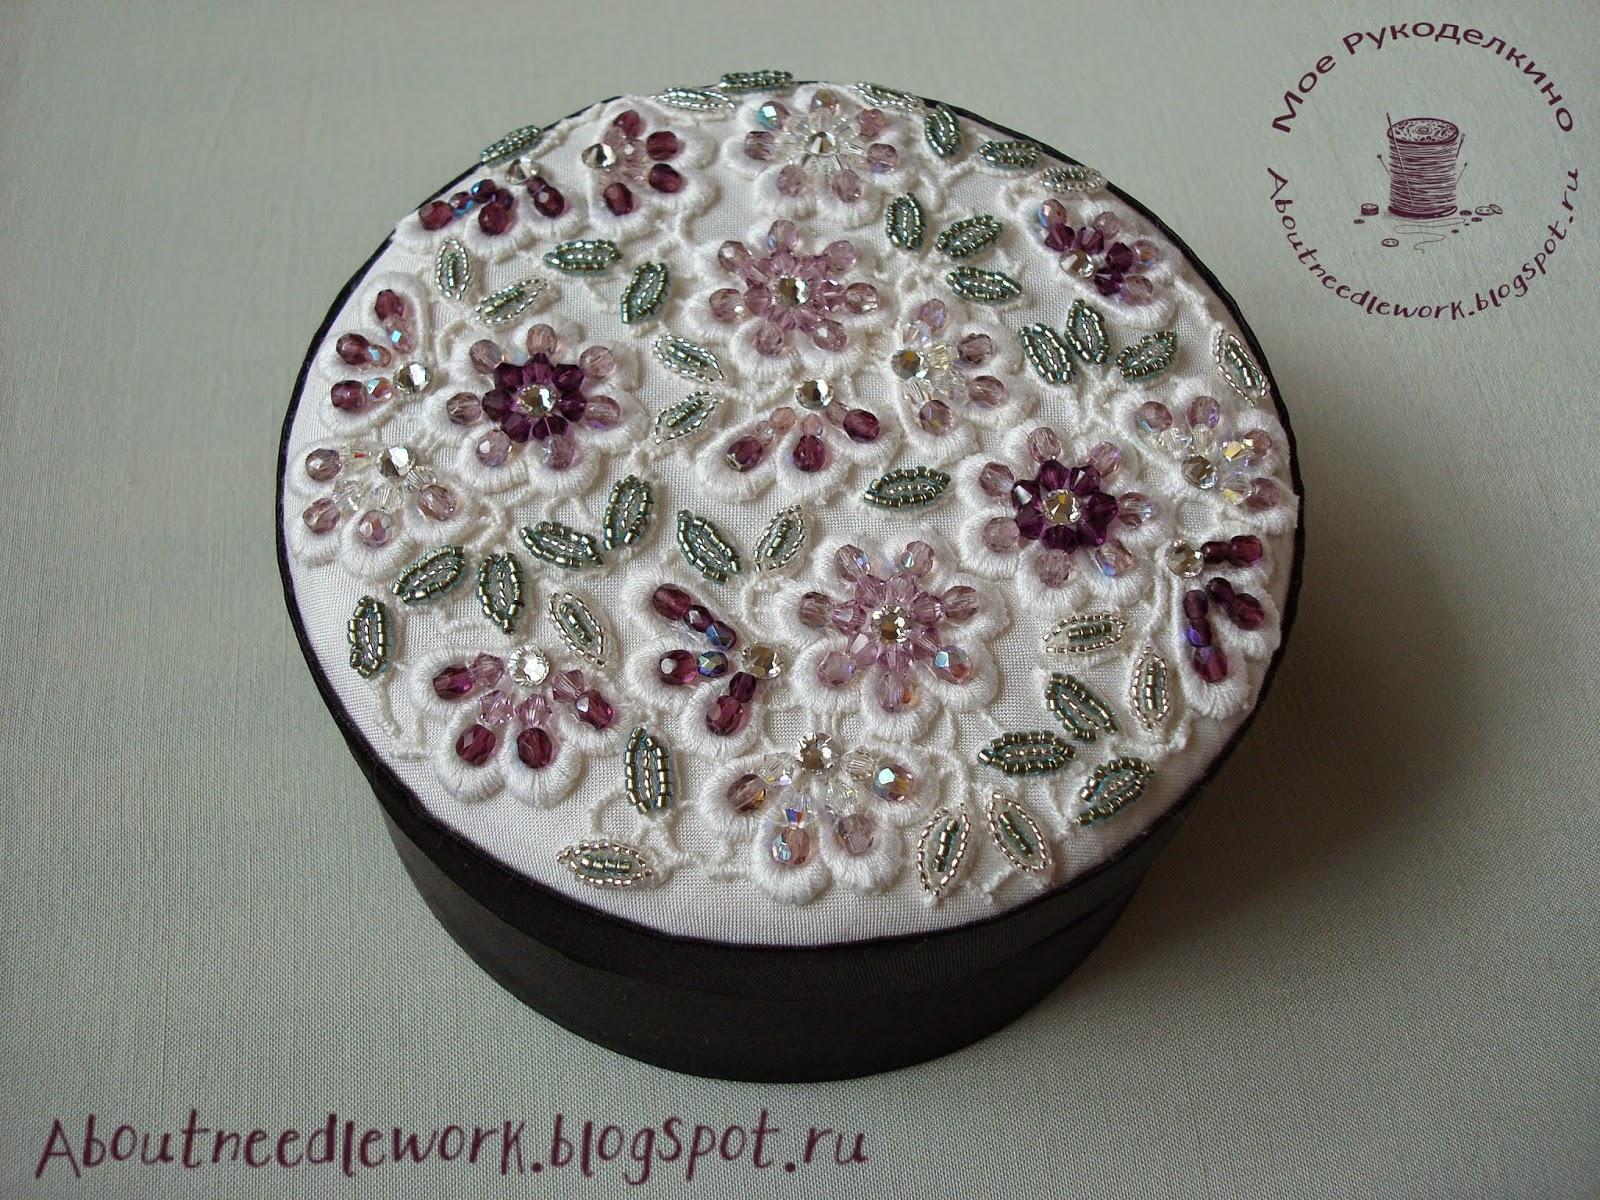 Вышивка бисером шкатулки